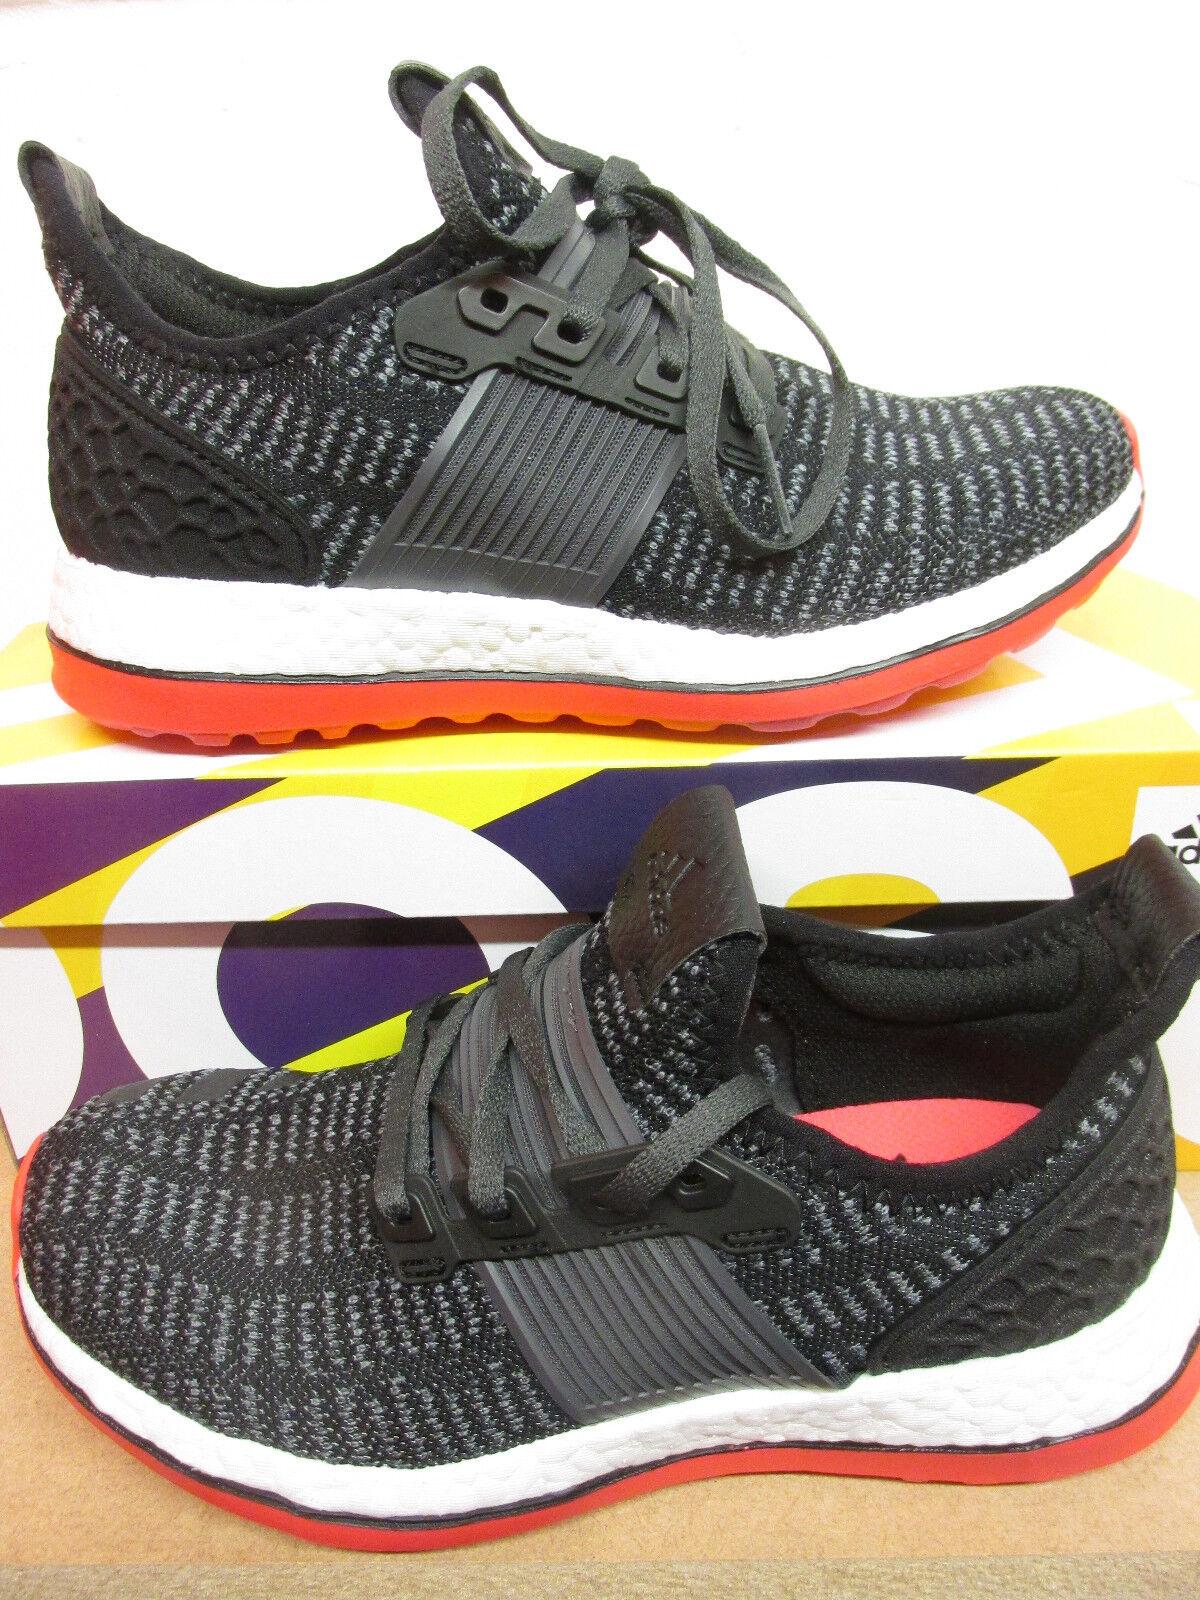 Adidas Pureboost Zg Prime da Donna da Corsa AQ2930 AQ2930 AQ2930 Scarpe da Ginnastica | Design Accattivante  | Uomo/Donna Scarpa  5e0210